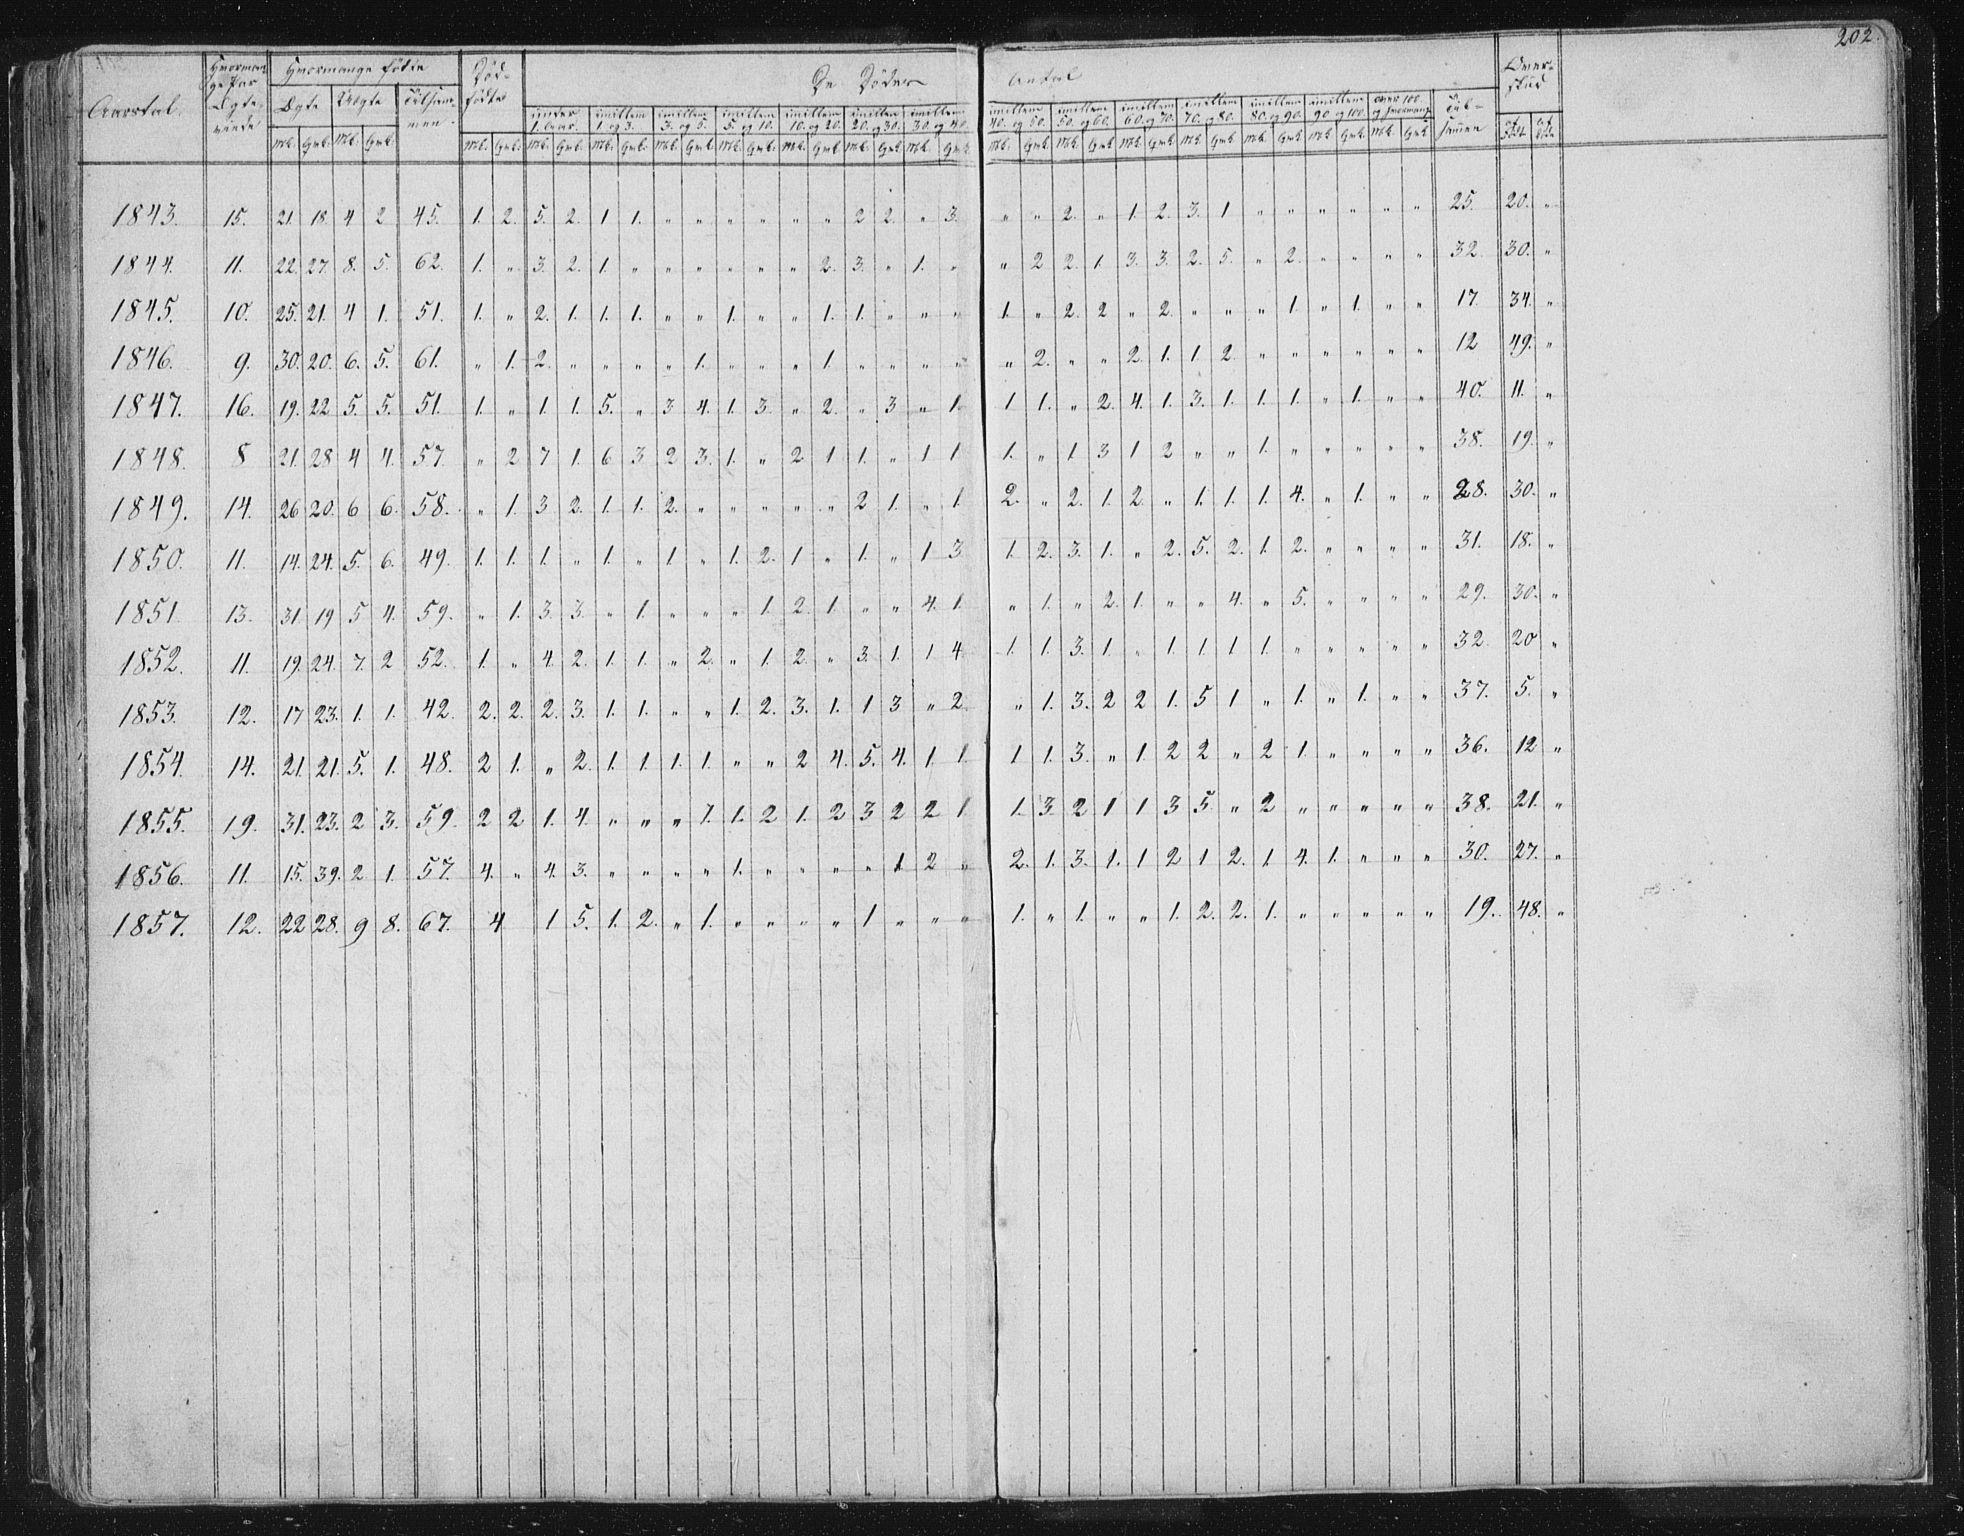 SAT, Ministerialprotokoller, klokkerbøker og fødselsregistre - Sør-Trøndelag, 616/L0406: Ministerialbok nr. 616A03, 1843-1879, s. 202